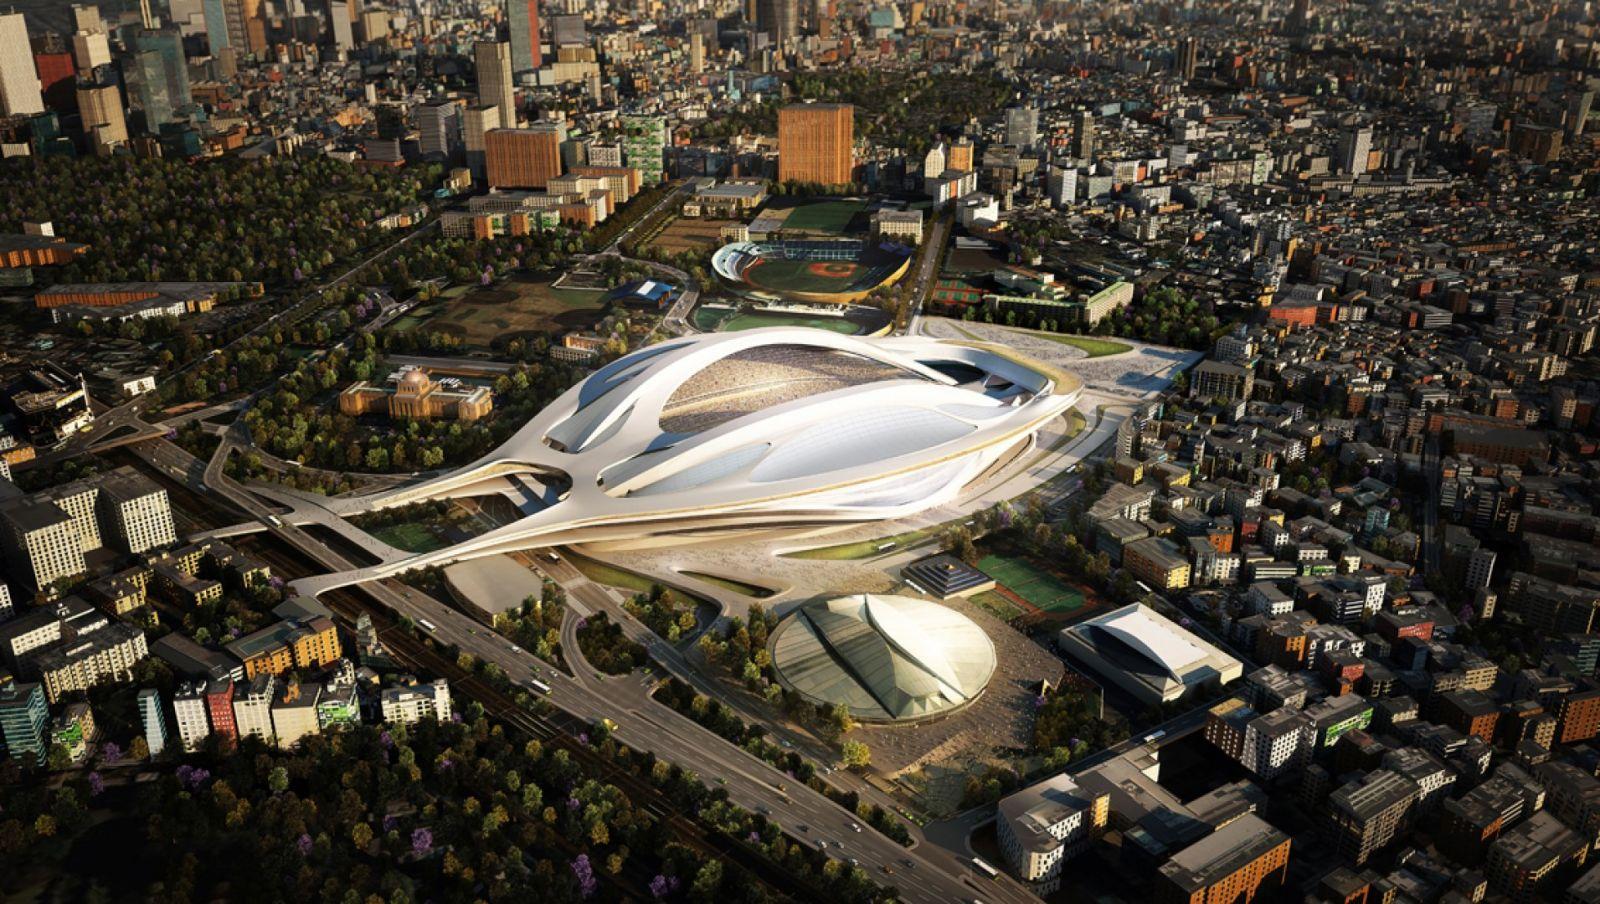 طرح پیشنهادی برای دهکده المپیک توکیو 2020